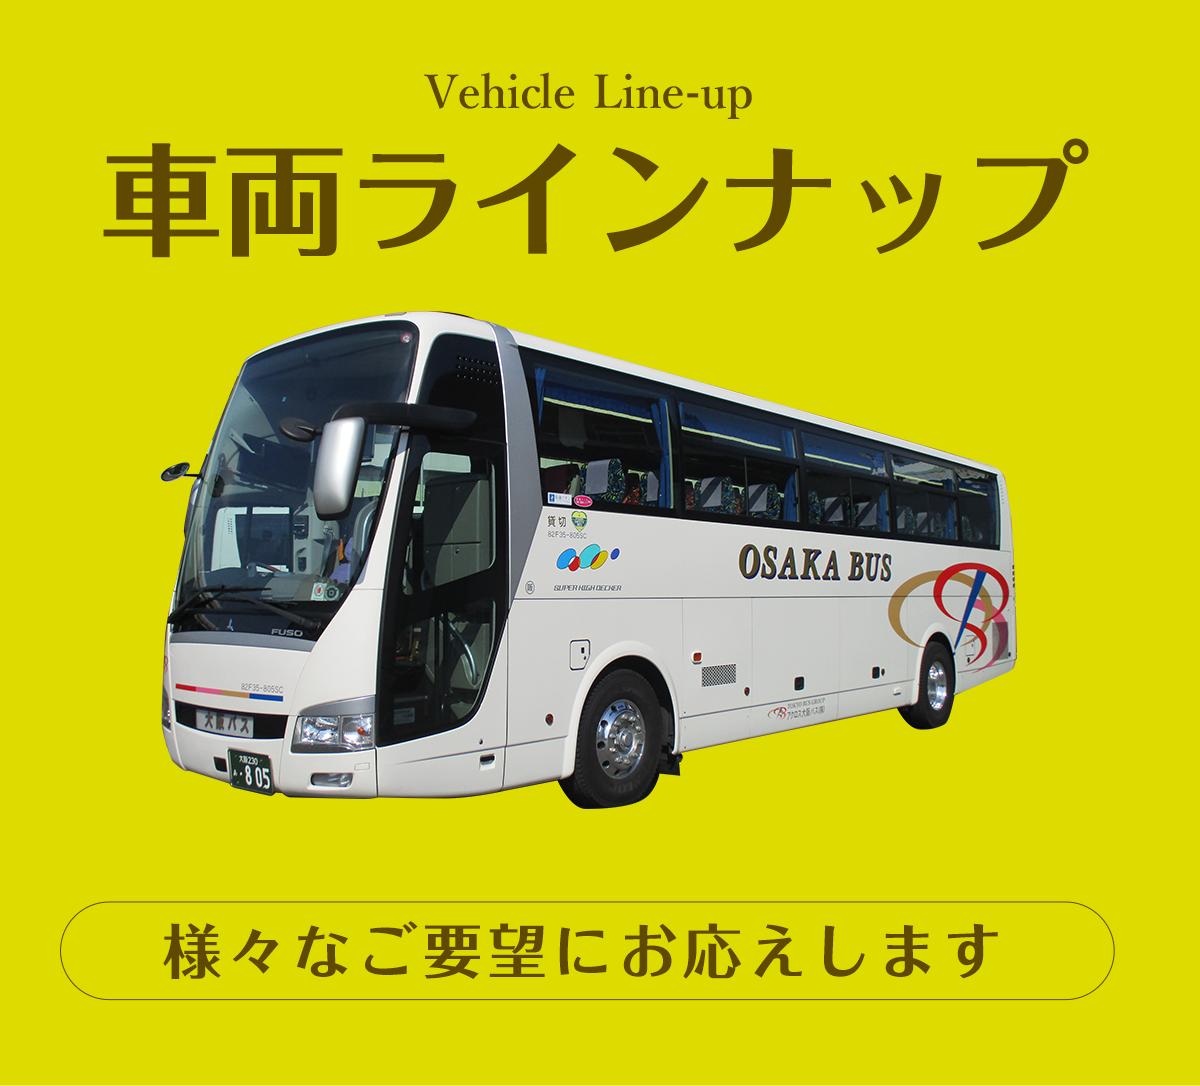 アクロス大阪バスの車両ラインナップ